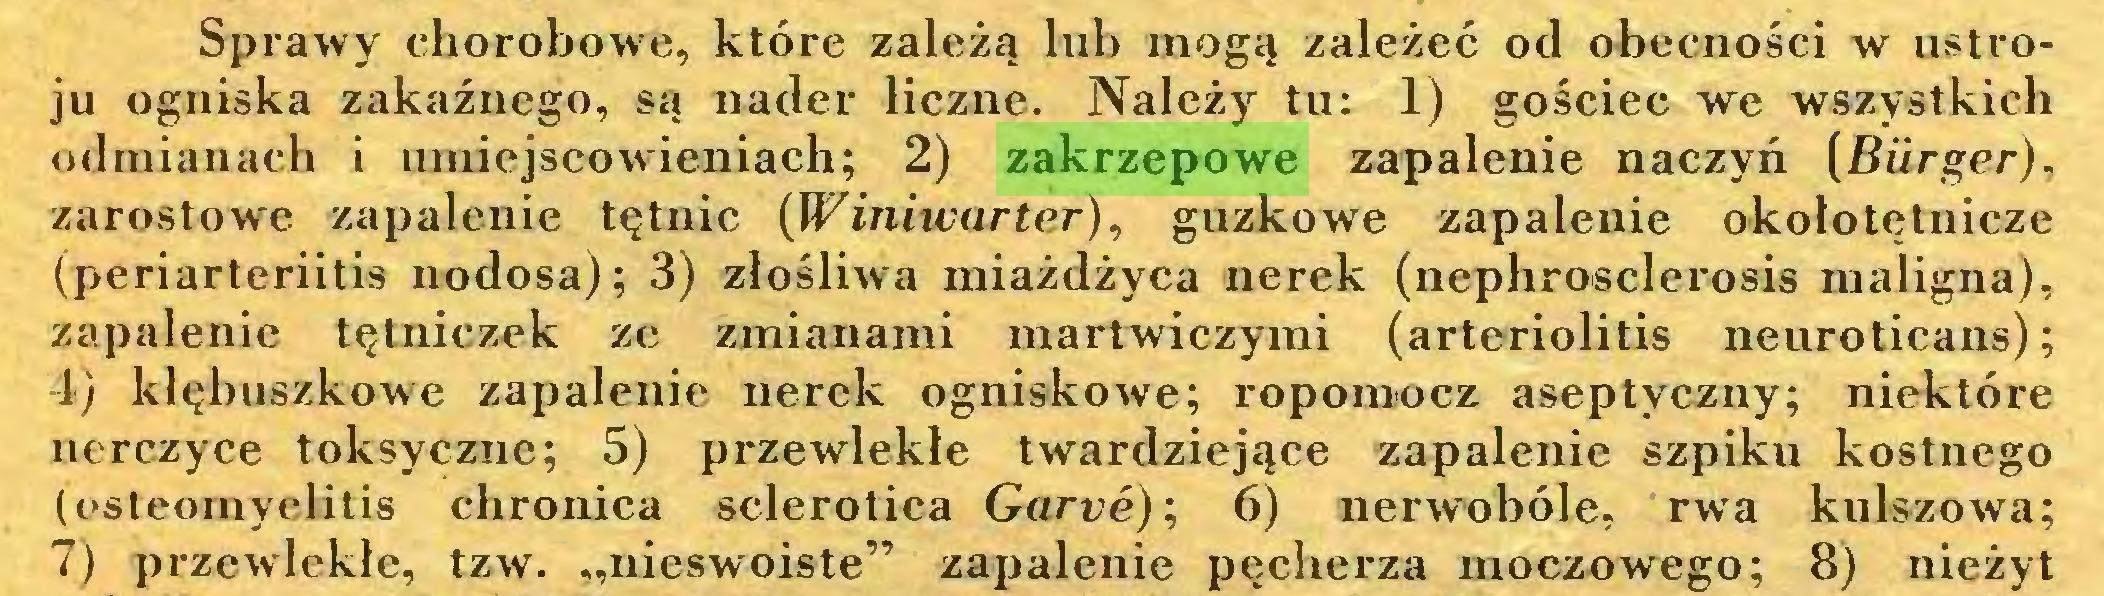 """(...) Sprawy chorobowe, które zależą lub mogą zależeć od obecności w ustroju ogniska zakaźnego, są nader liczne. Należy tu: 1) gościec we wszystkich odmianach i umiejscowieniach; 2) zakrzepowe zapalenie naczyń [Bürger), zarostowe zapalenie tętnic (Winiwarter), guzkowe zapalenie okołotętnicze (periarteriitis nodosa); 3) złośliwa miażdżyca nerek (nephrosclerosis maligna), zapalenie tętniczek ze zmianami martwiczymi (arteriolitis neuroticans); 4) klębuszkowe zapalenie nerek ogniskowe; ropomocz aseptyczny; niektóre nerczyce toksyczne; 5) przewlekłe twardziejące zapalenie szpiku kostnego (osteomyelitis chronica sclerotica Garve); 6) nerwobóle, rwa kulszowa; 7) przewlekłe, tzw. """"nieswoiste"""" zapalenie pęcherza moczowego; 8) nieżyt..."""